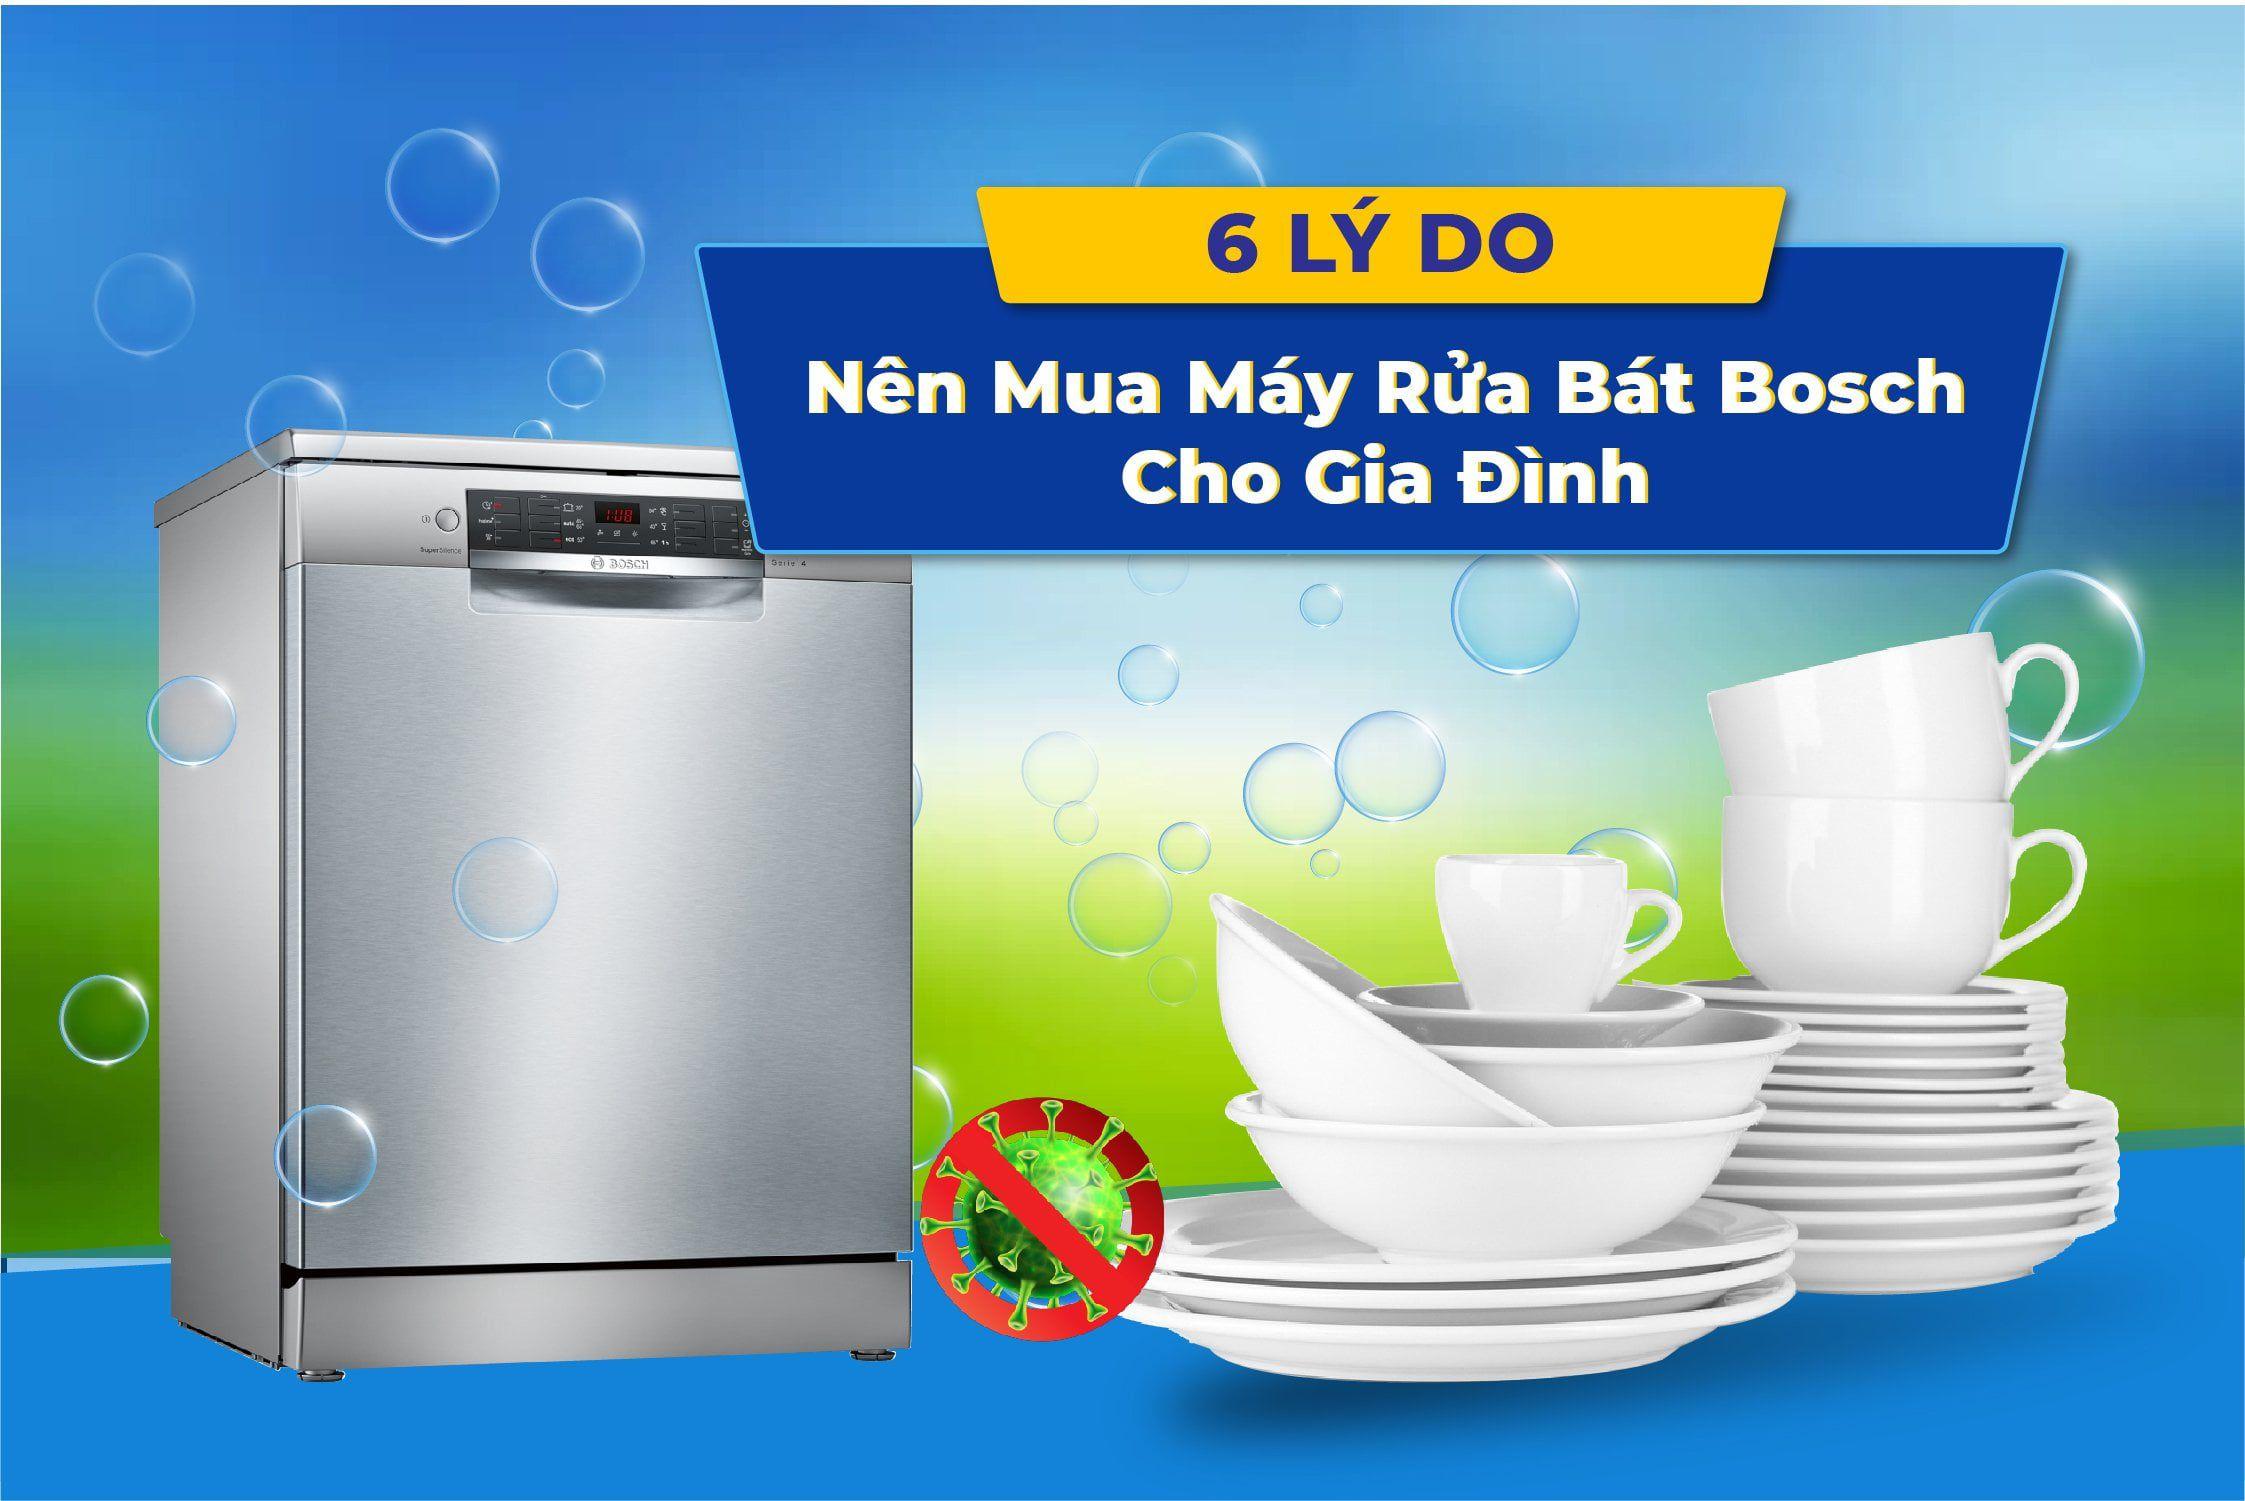 6 Lý do nên mua máy rửa bát Bosch cho gia đình